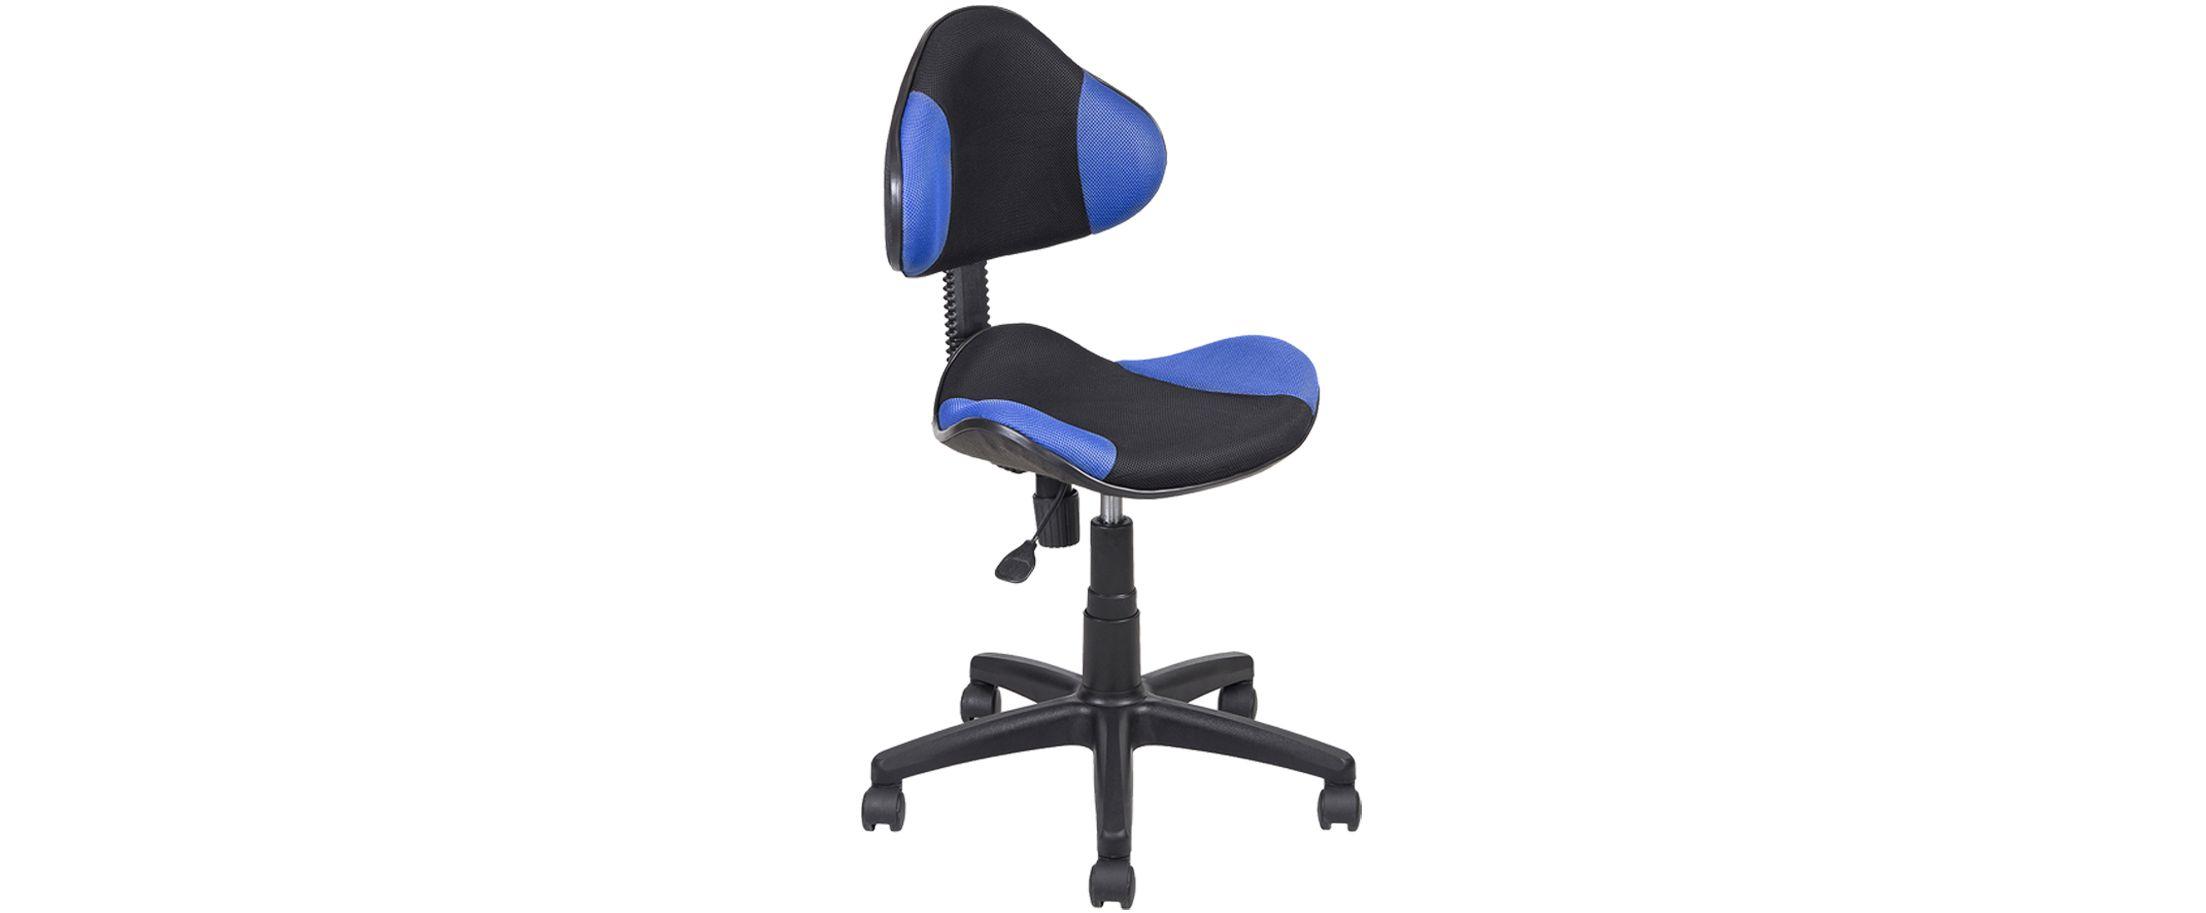 Кресло офисное AV 215 цвет синий/черный Модель 999Кресло офисное AV 215 цвет синий/черный Модель 999. Артикул Д000741<br>